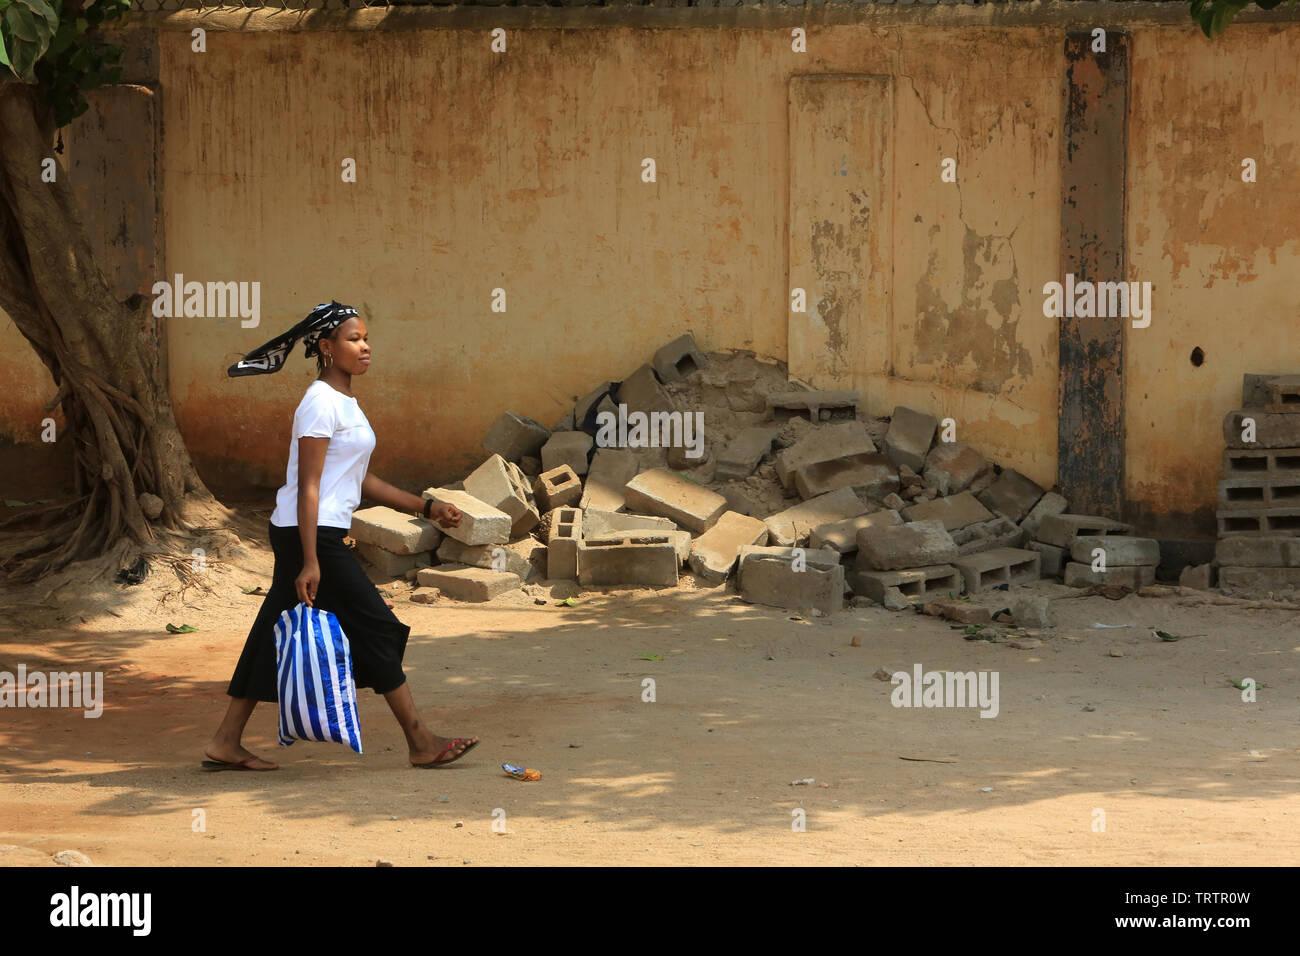 Togolaise marchant dans la rue. Lomé. Togo. Afrique de l'Ouest. Stock Photo